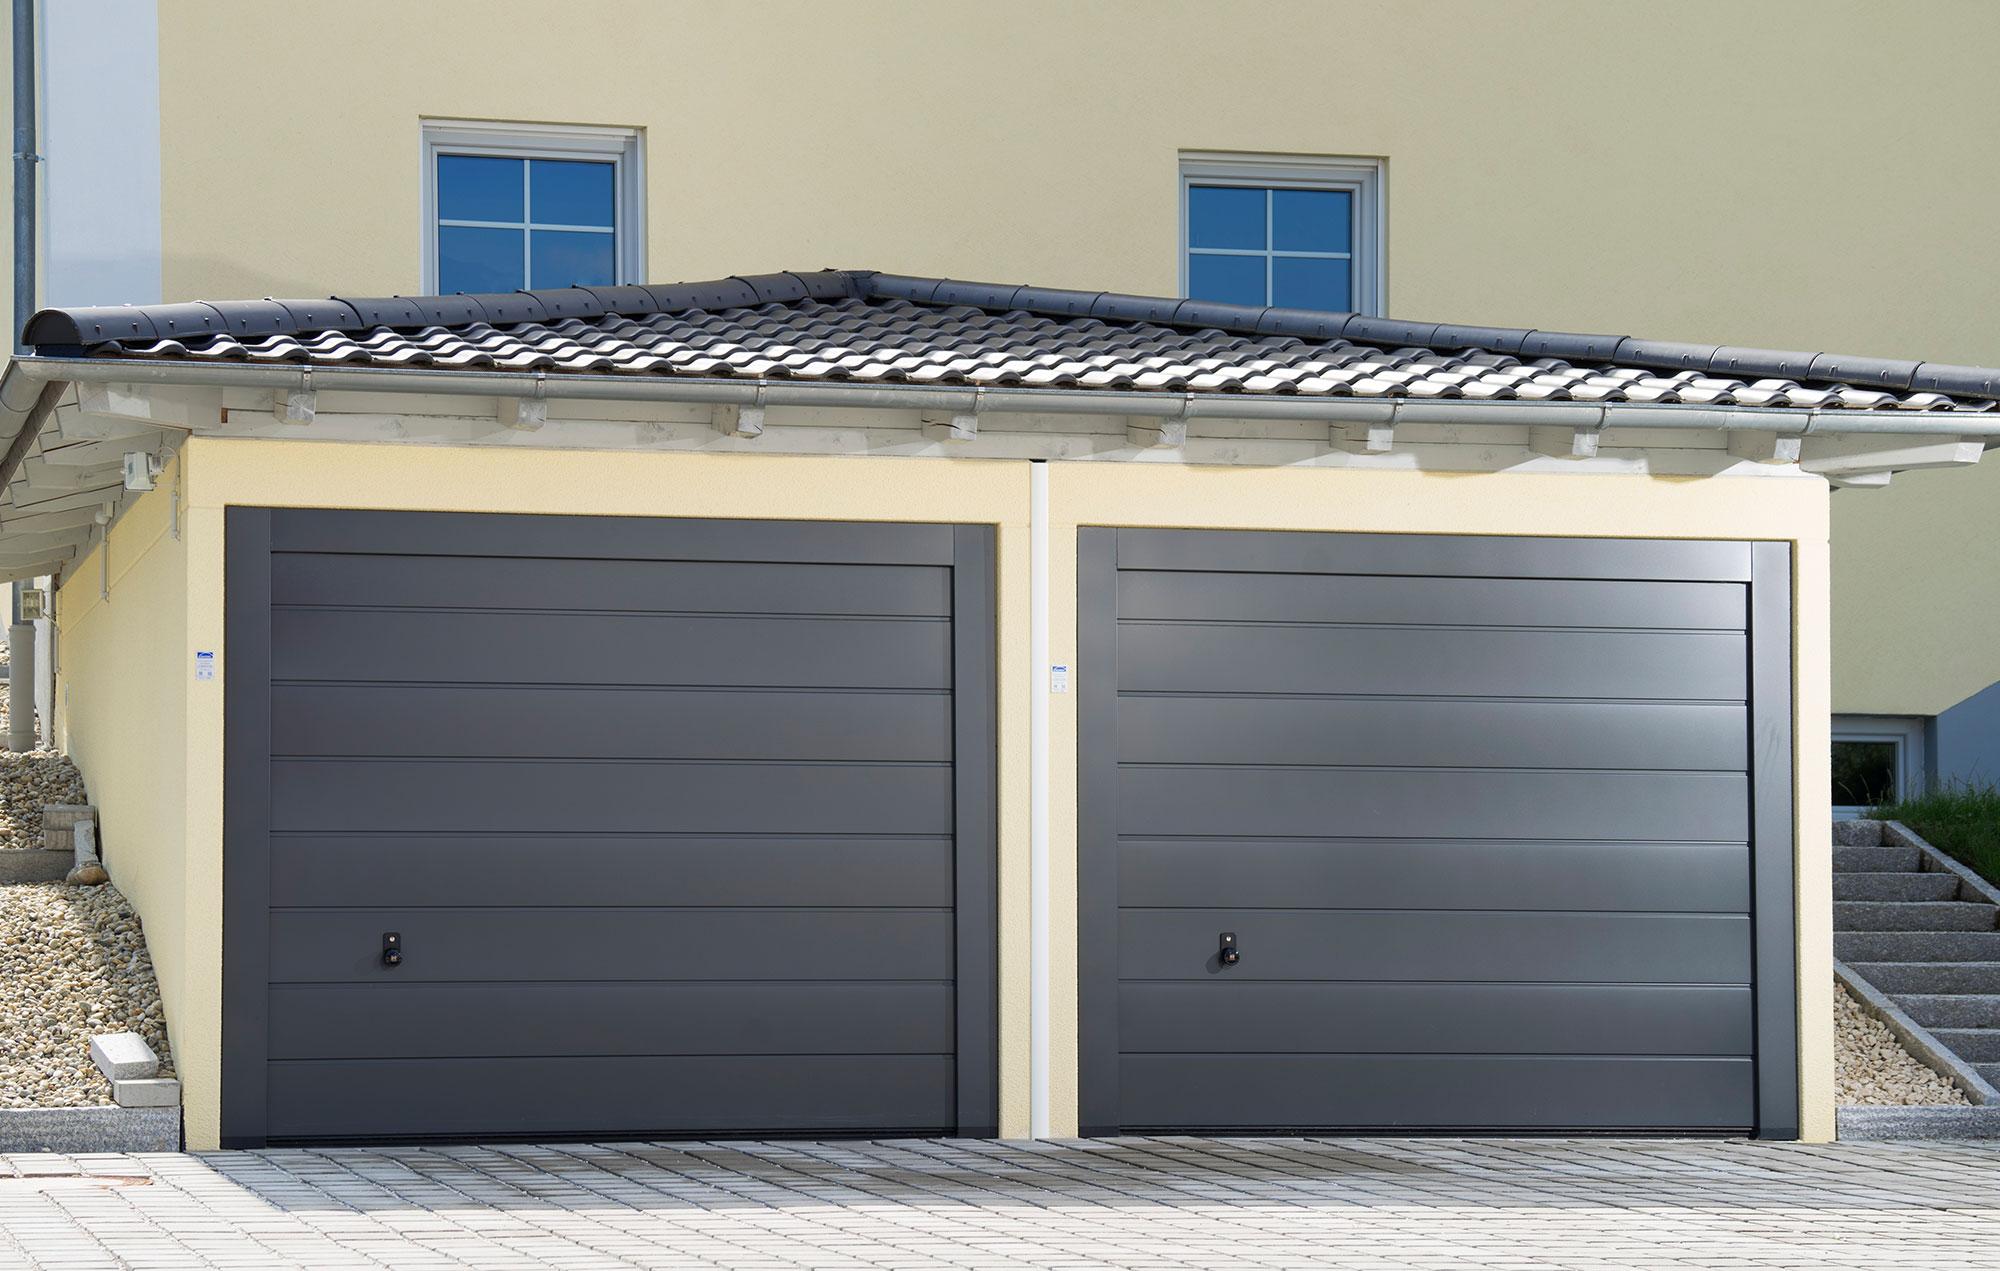 Doppelgaragen mit Zeltdach